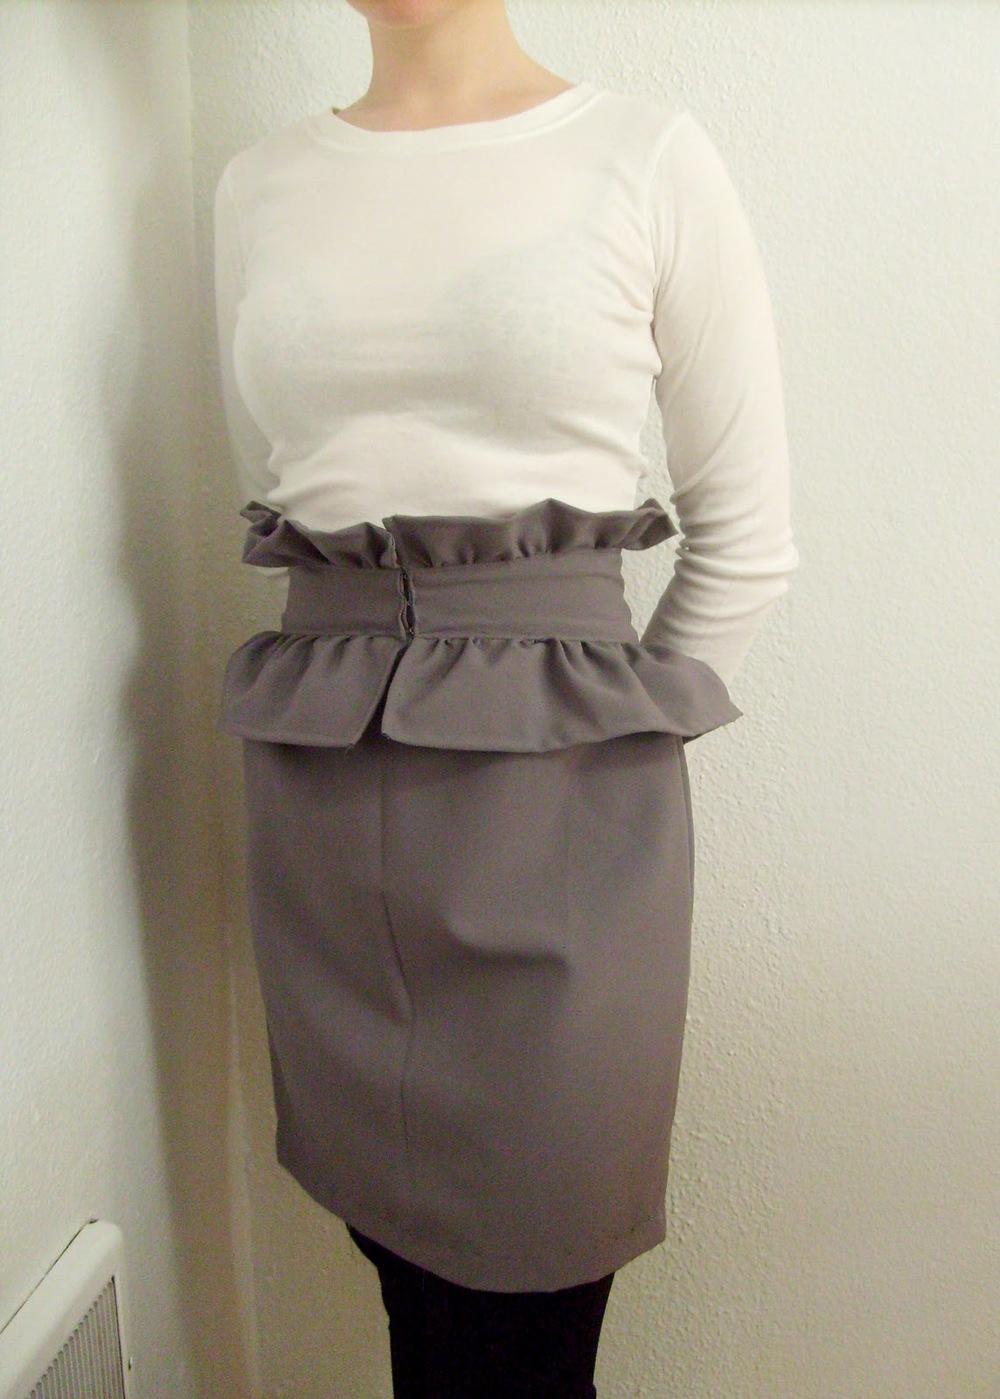 Ruffled Peplum Skirt Tutorial Allfreesewing Com